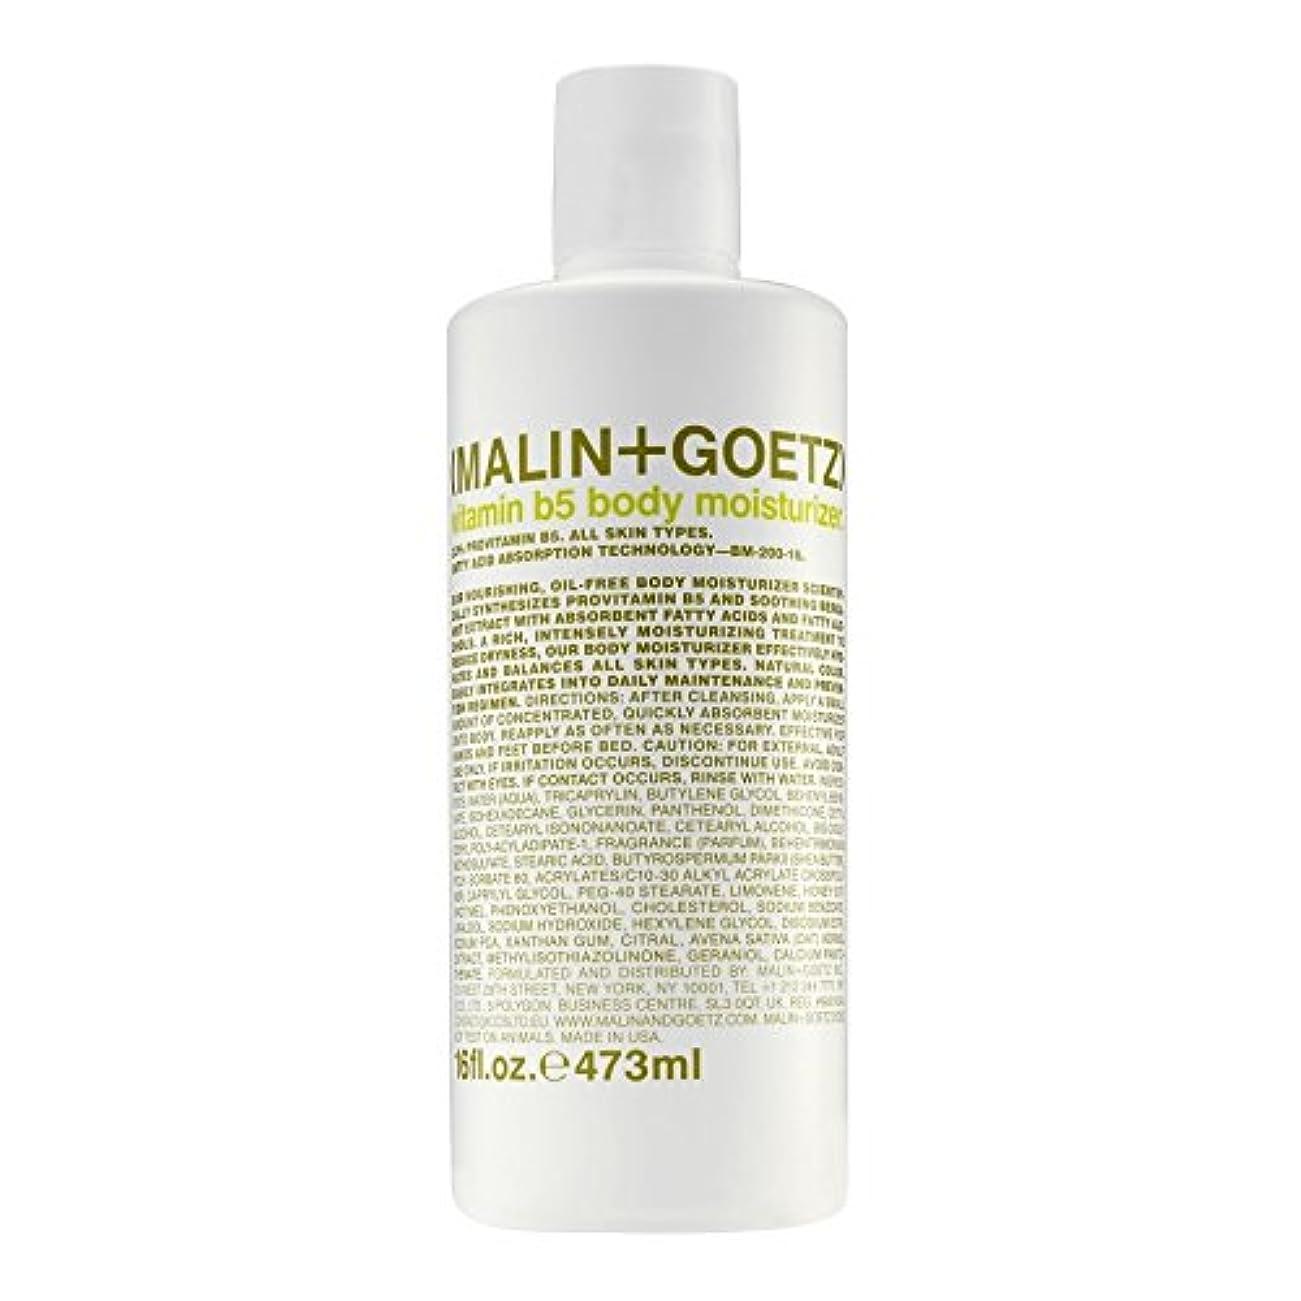 保護美しい退化するMALIN+GOETZ Vitamin B5 Body Moisturiser 473ml (Pack of 6) - マリン+ゲッツビタミン5ボディモイスチャライザーの473ミリリットル x6 [並行輸入品]